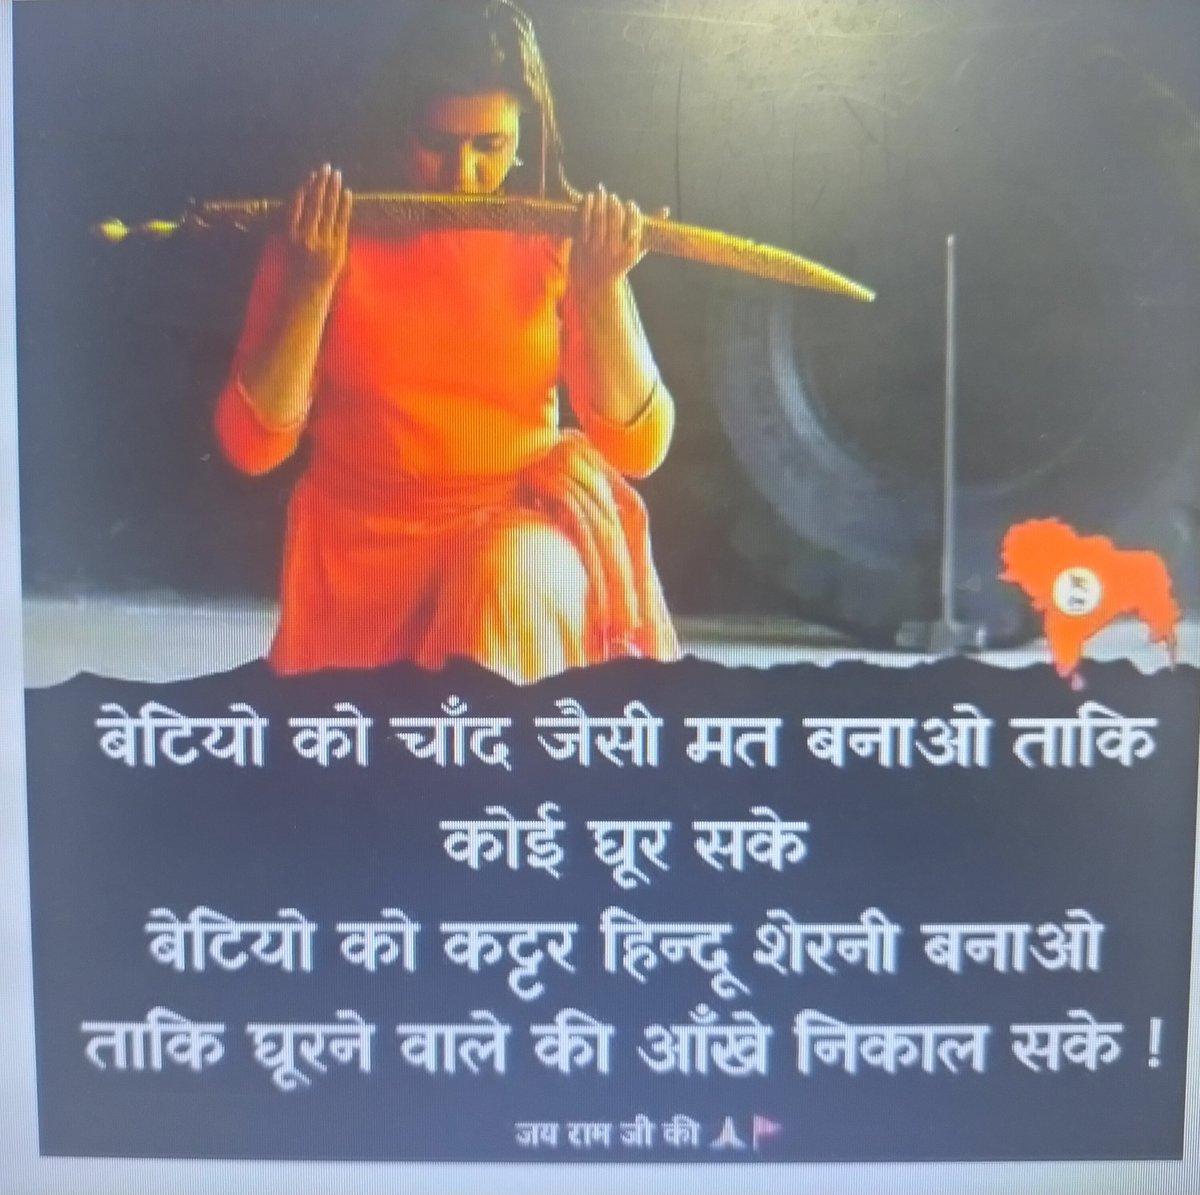 #Protect_Hindu_Girls Please retweet @HinduDharma1 @VHPDigital  @deeptisubba